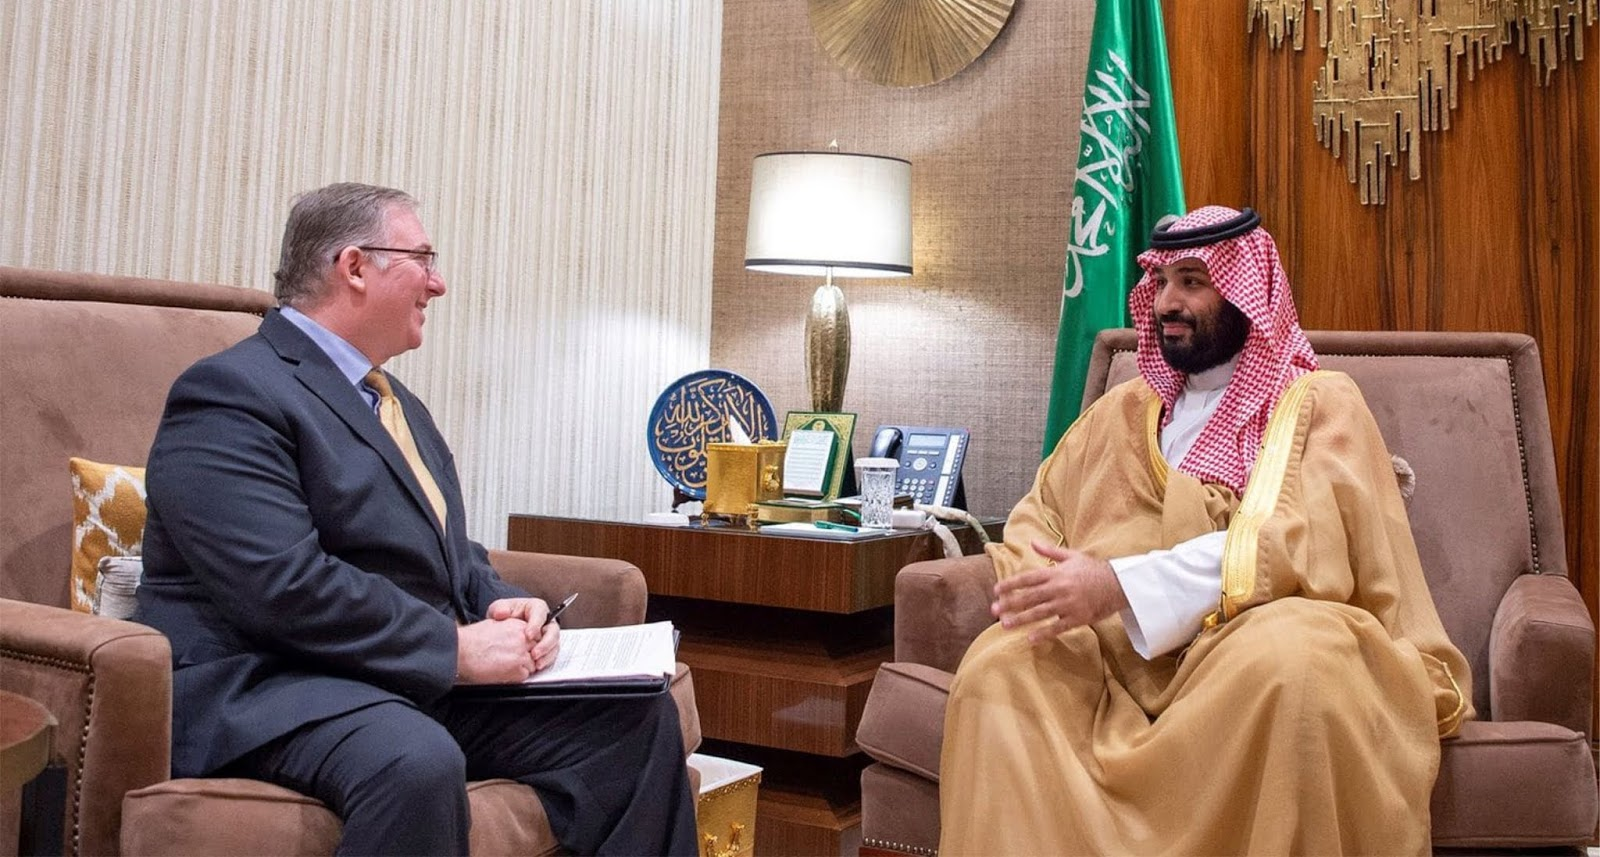 Delegasi Israel di Riyadh saat Netanyahu meminta AS untuk mendukung MBS